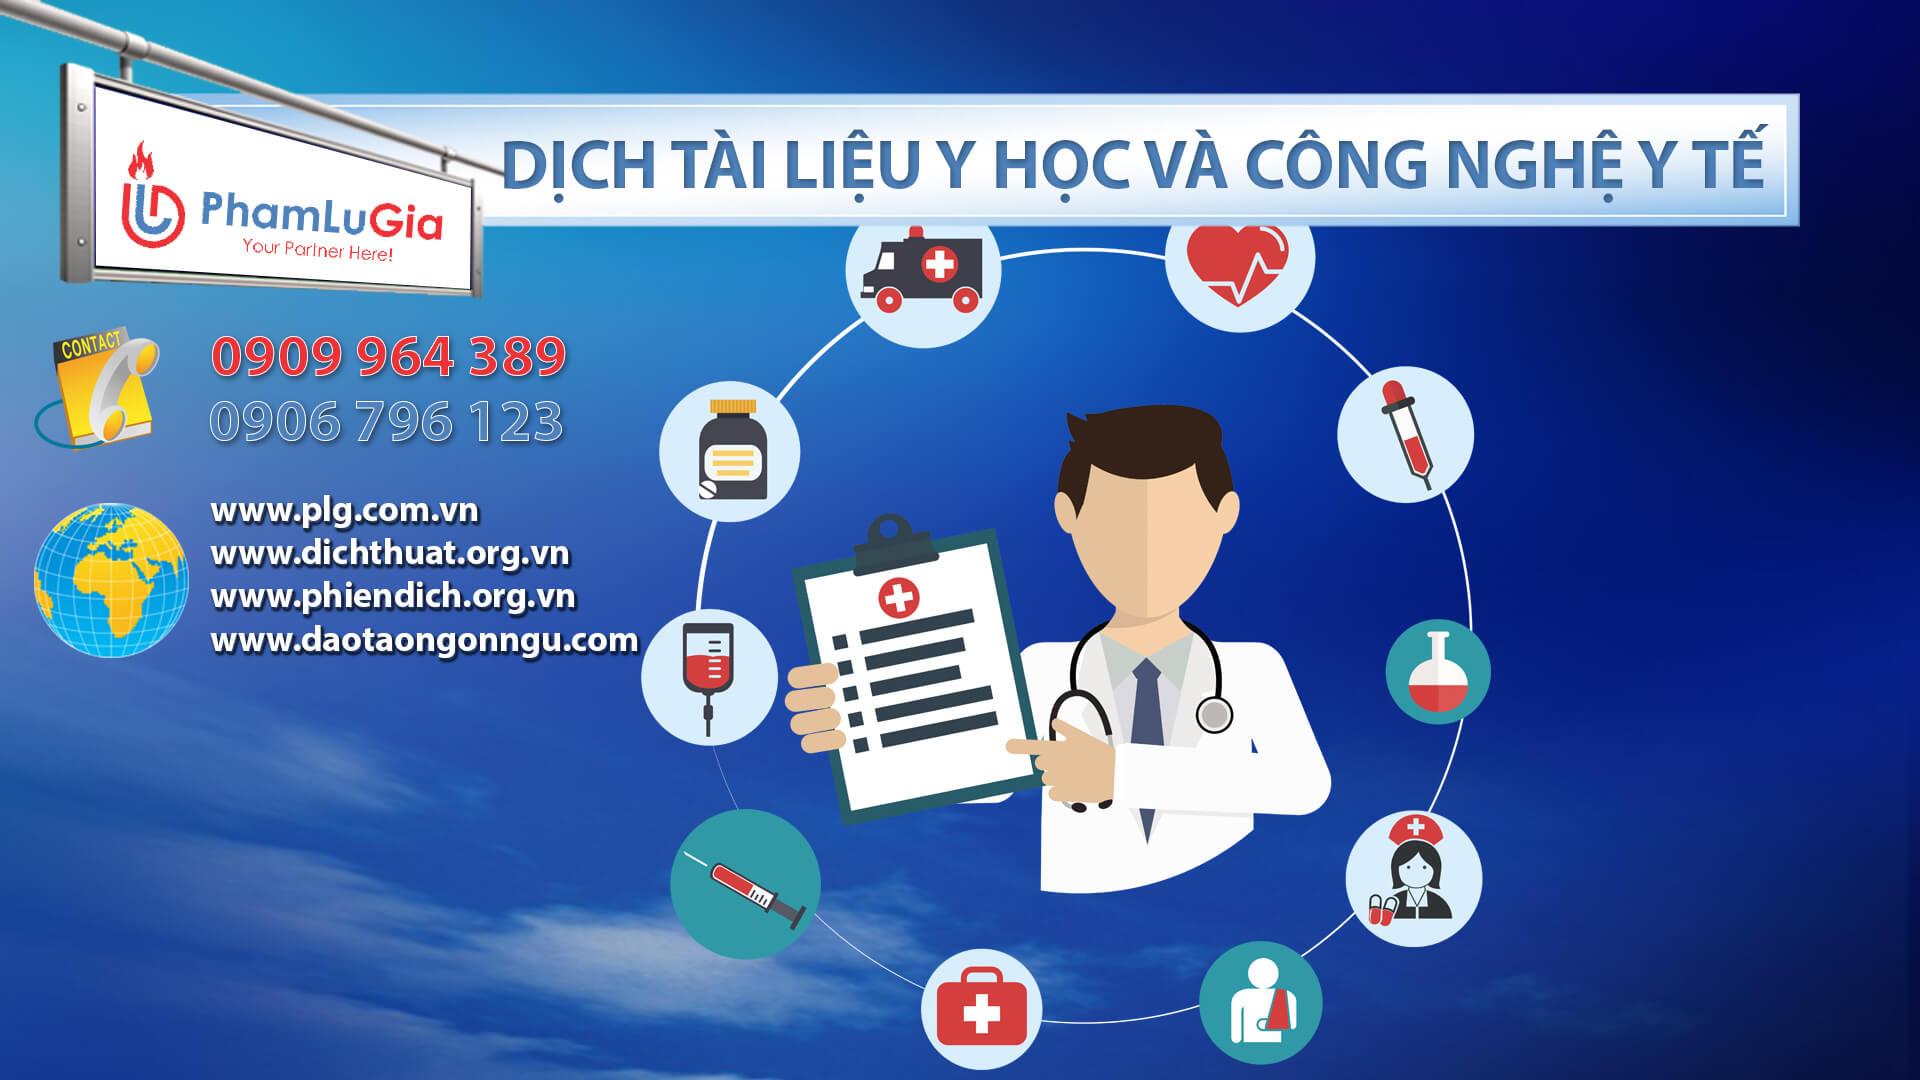 Dịch tài liệu y học và công nghệ y tế